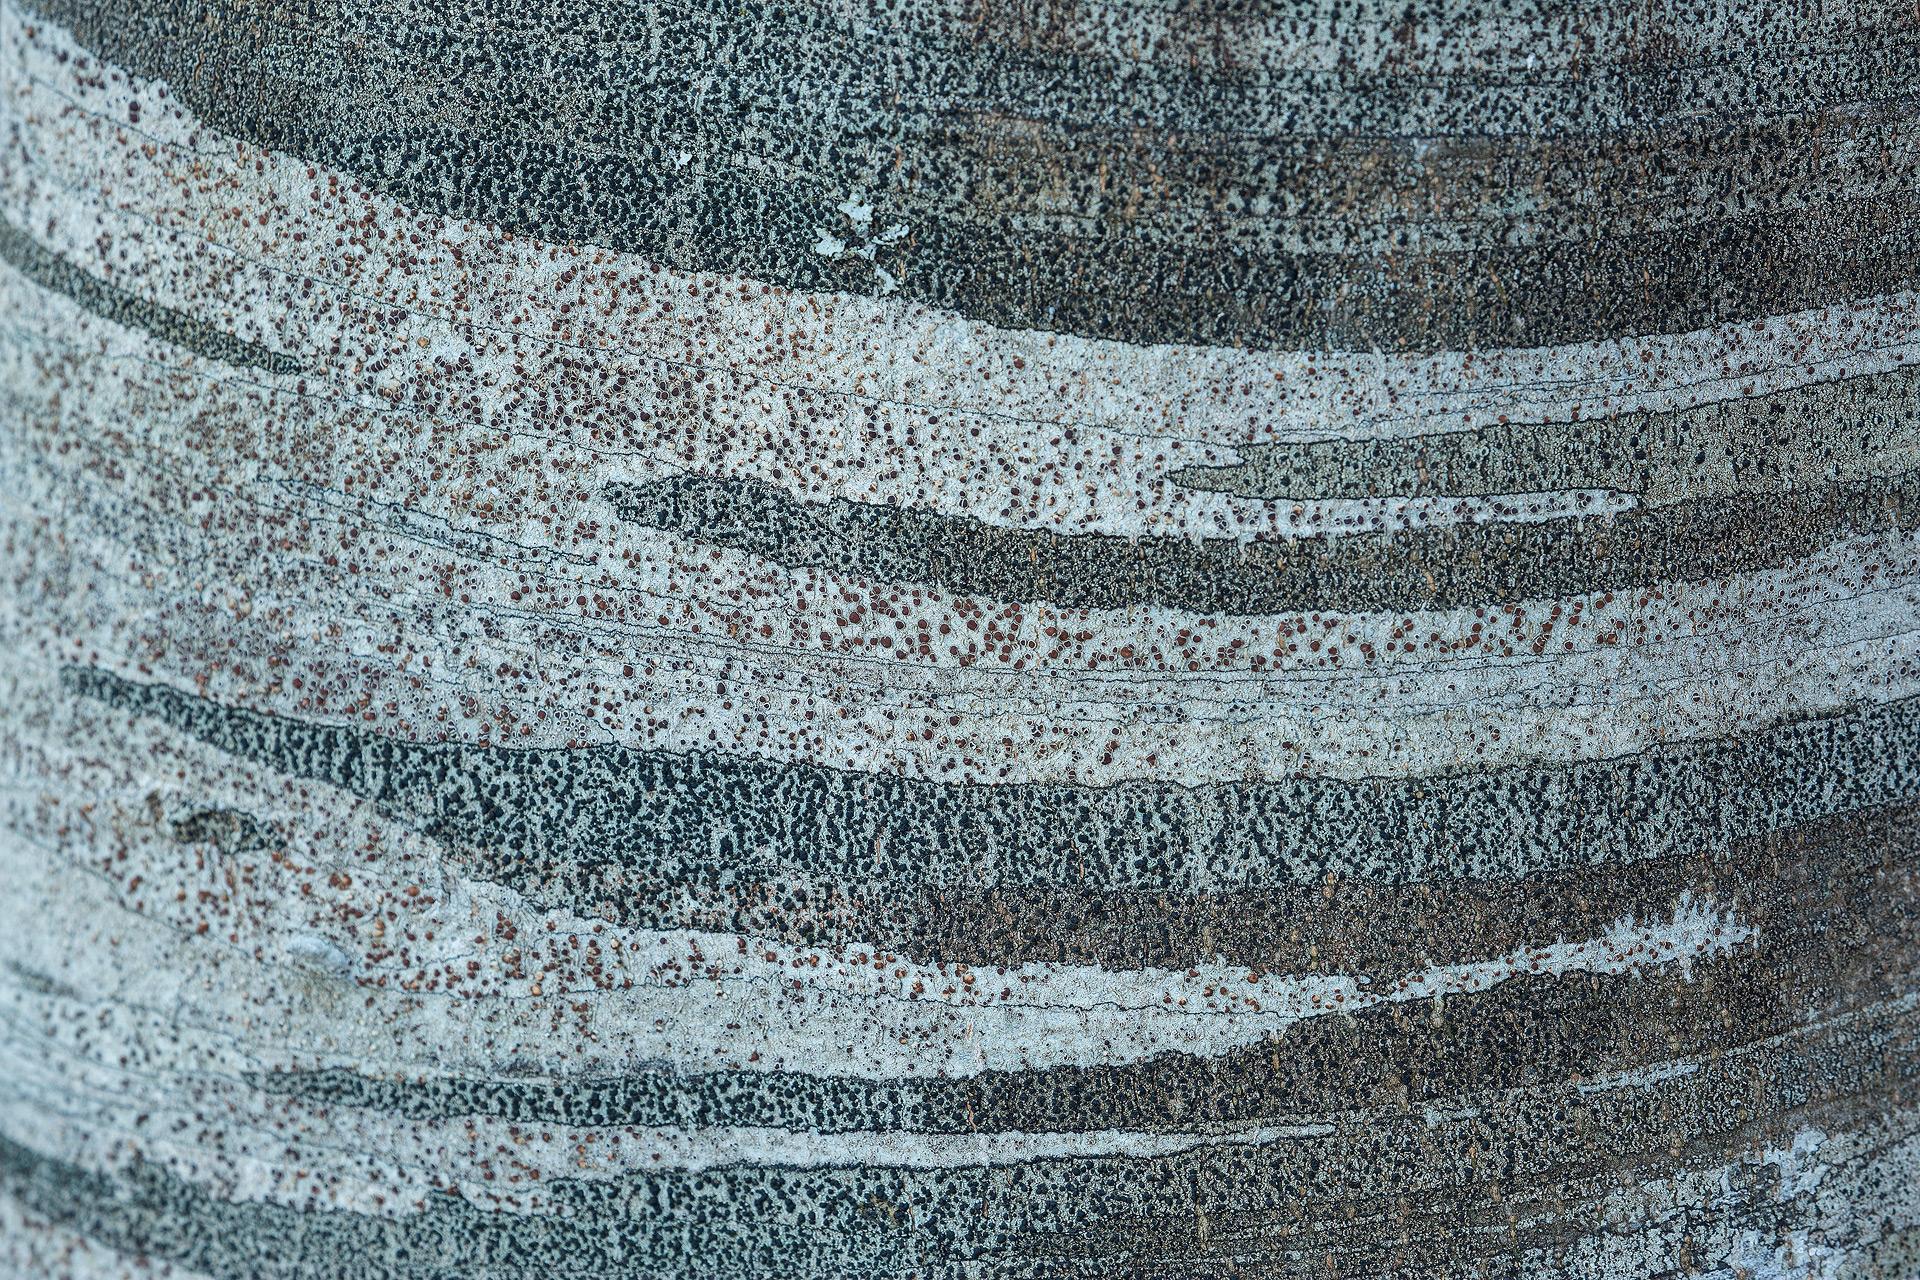 La corteccia del faggio